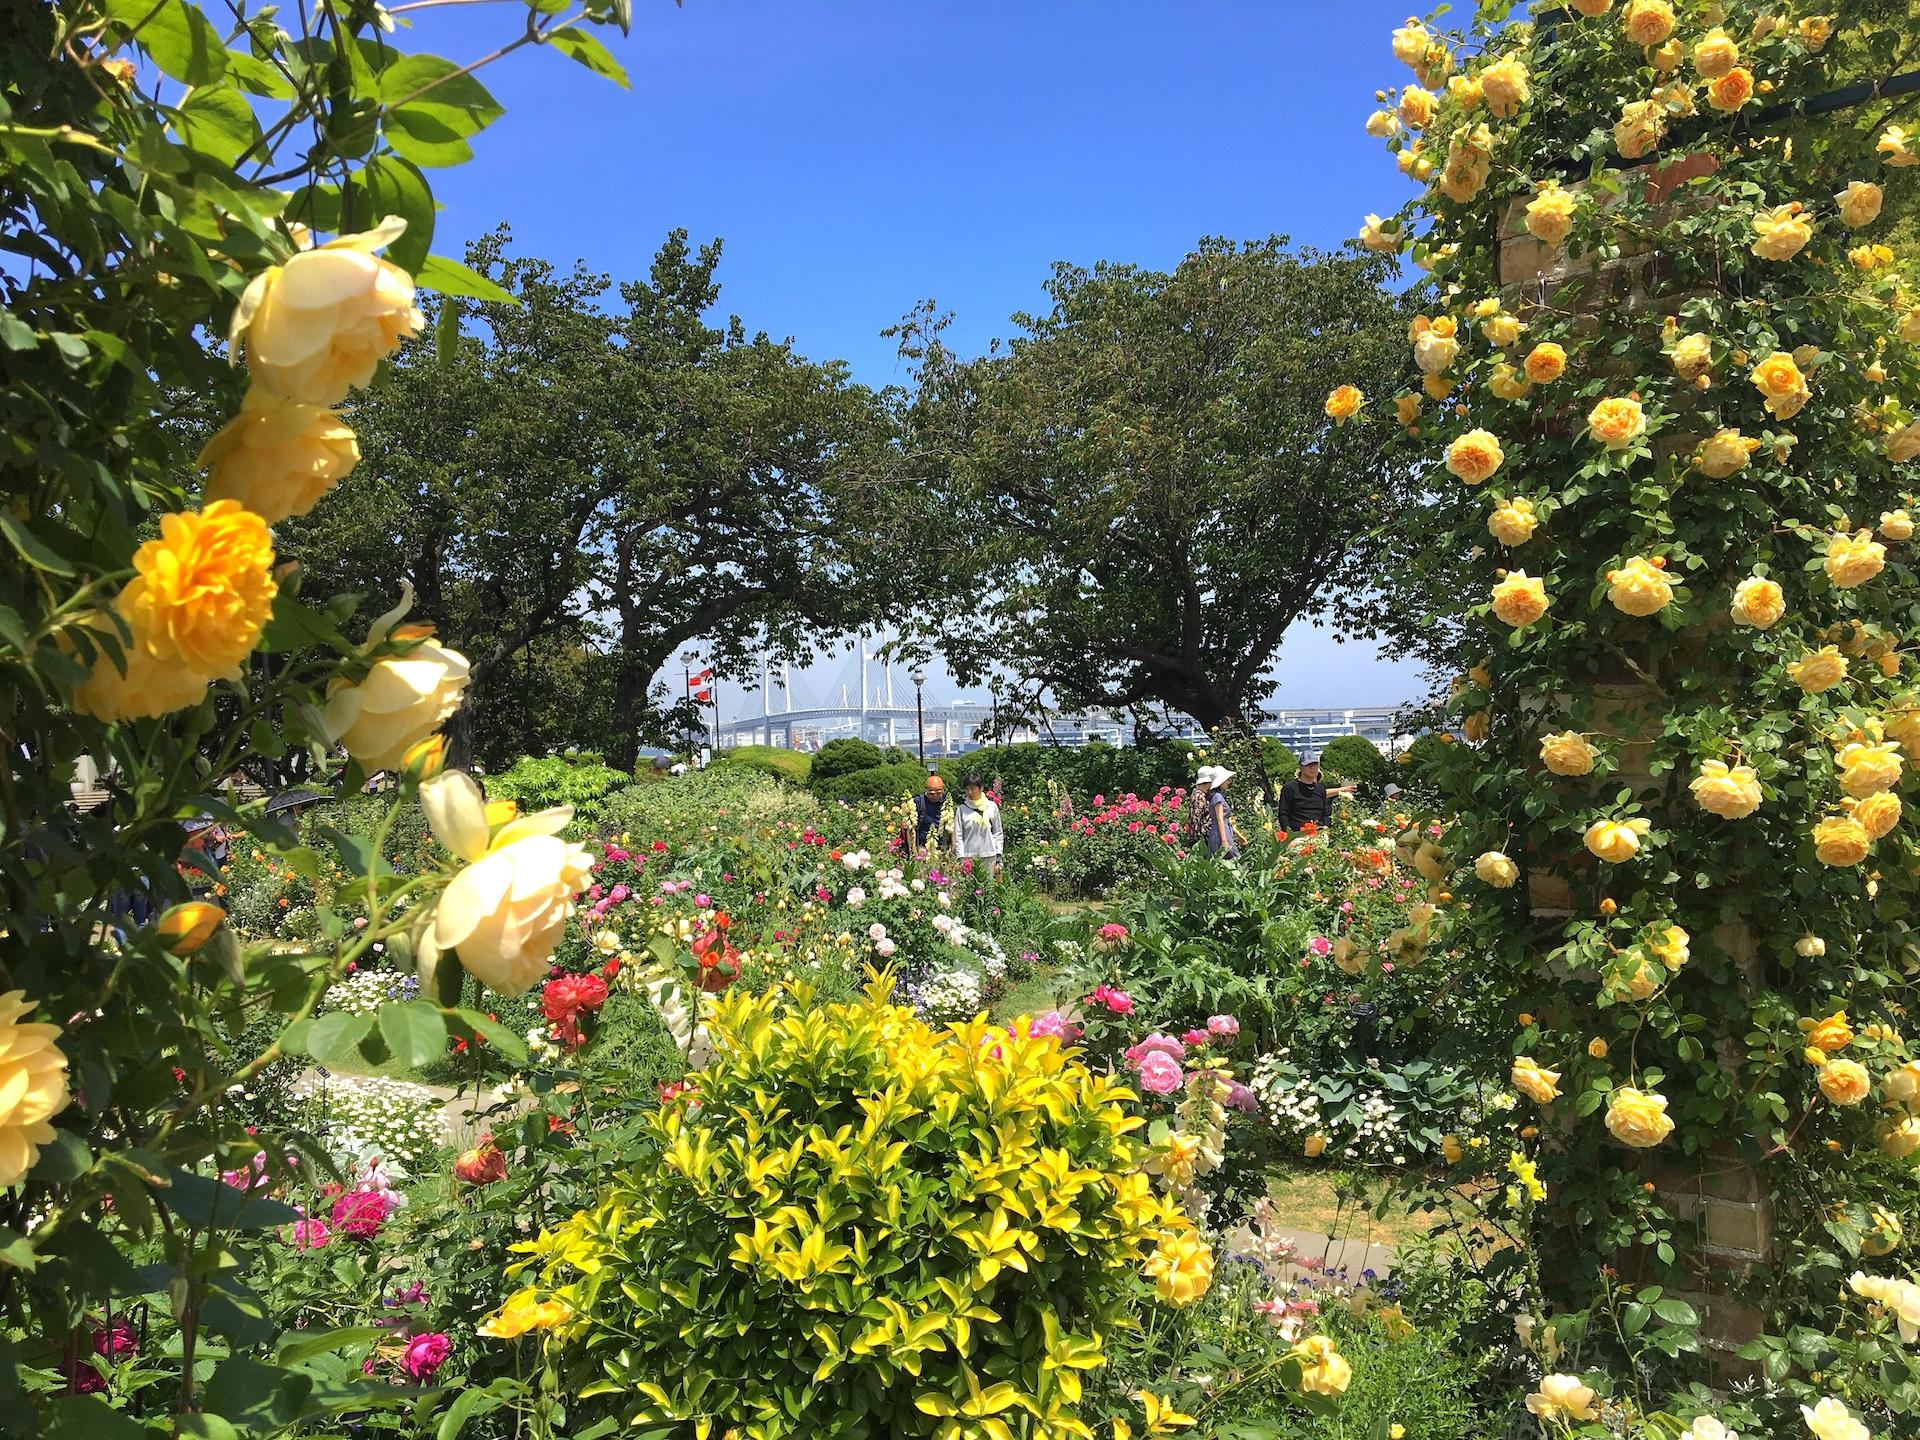 港の見える丘公園イギリス山地区・イングリッシュローズの庭